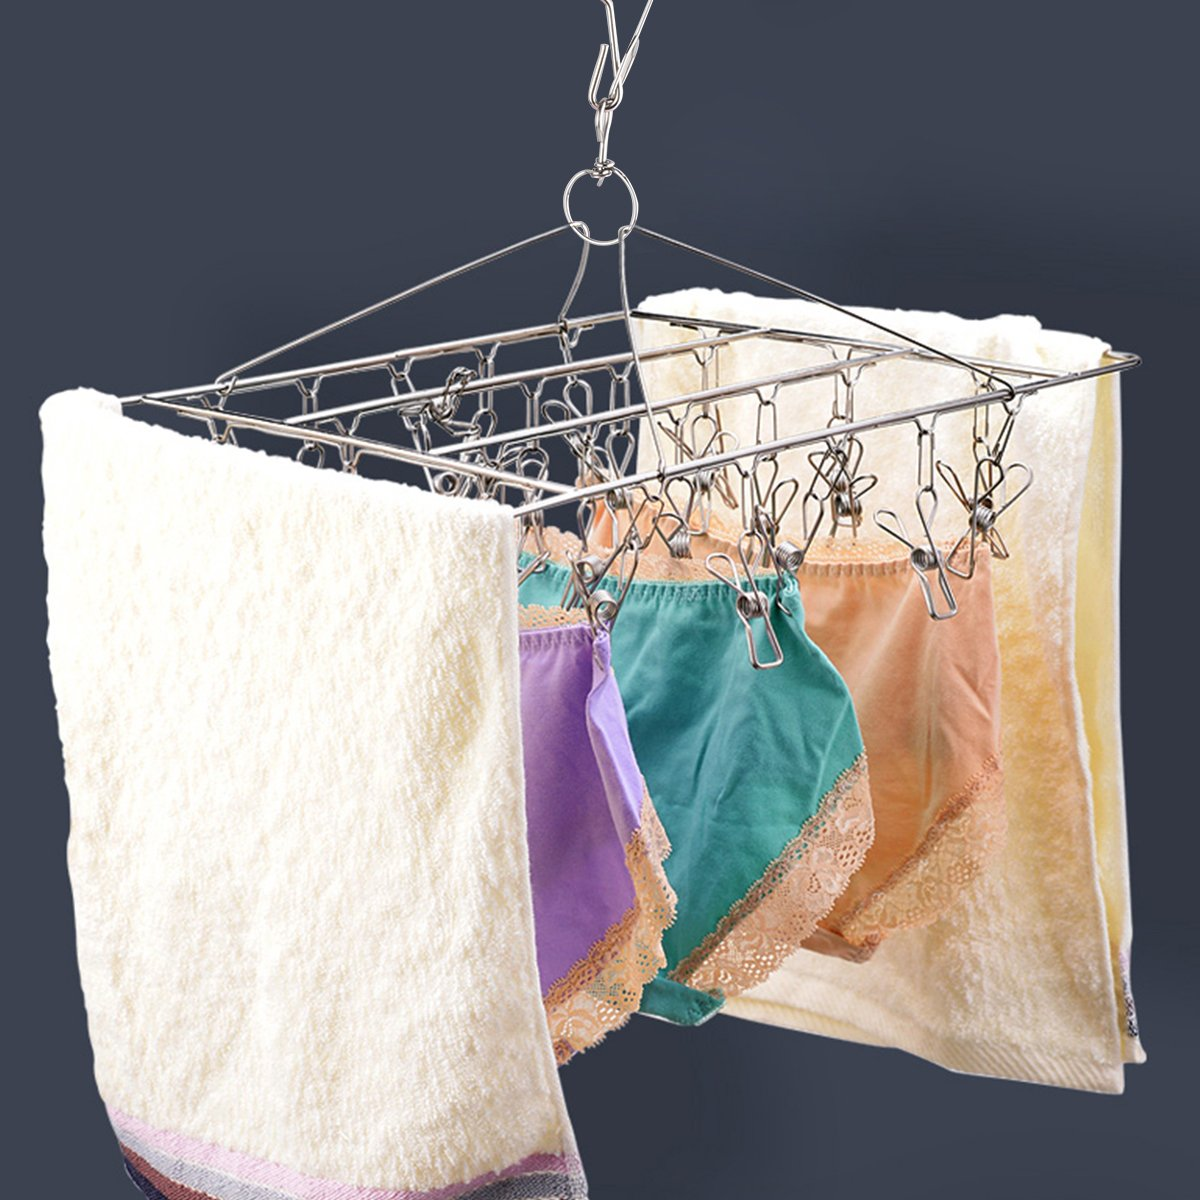 asciugamano mollette antivento per asciugare stendibiancheria con 36/pinze in acciaio INOX calzini Borui vestiti biancheria intima